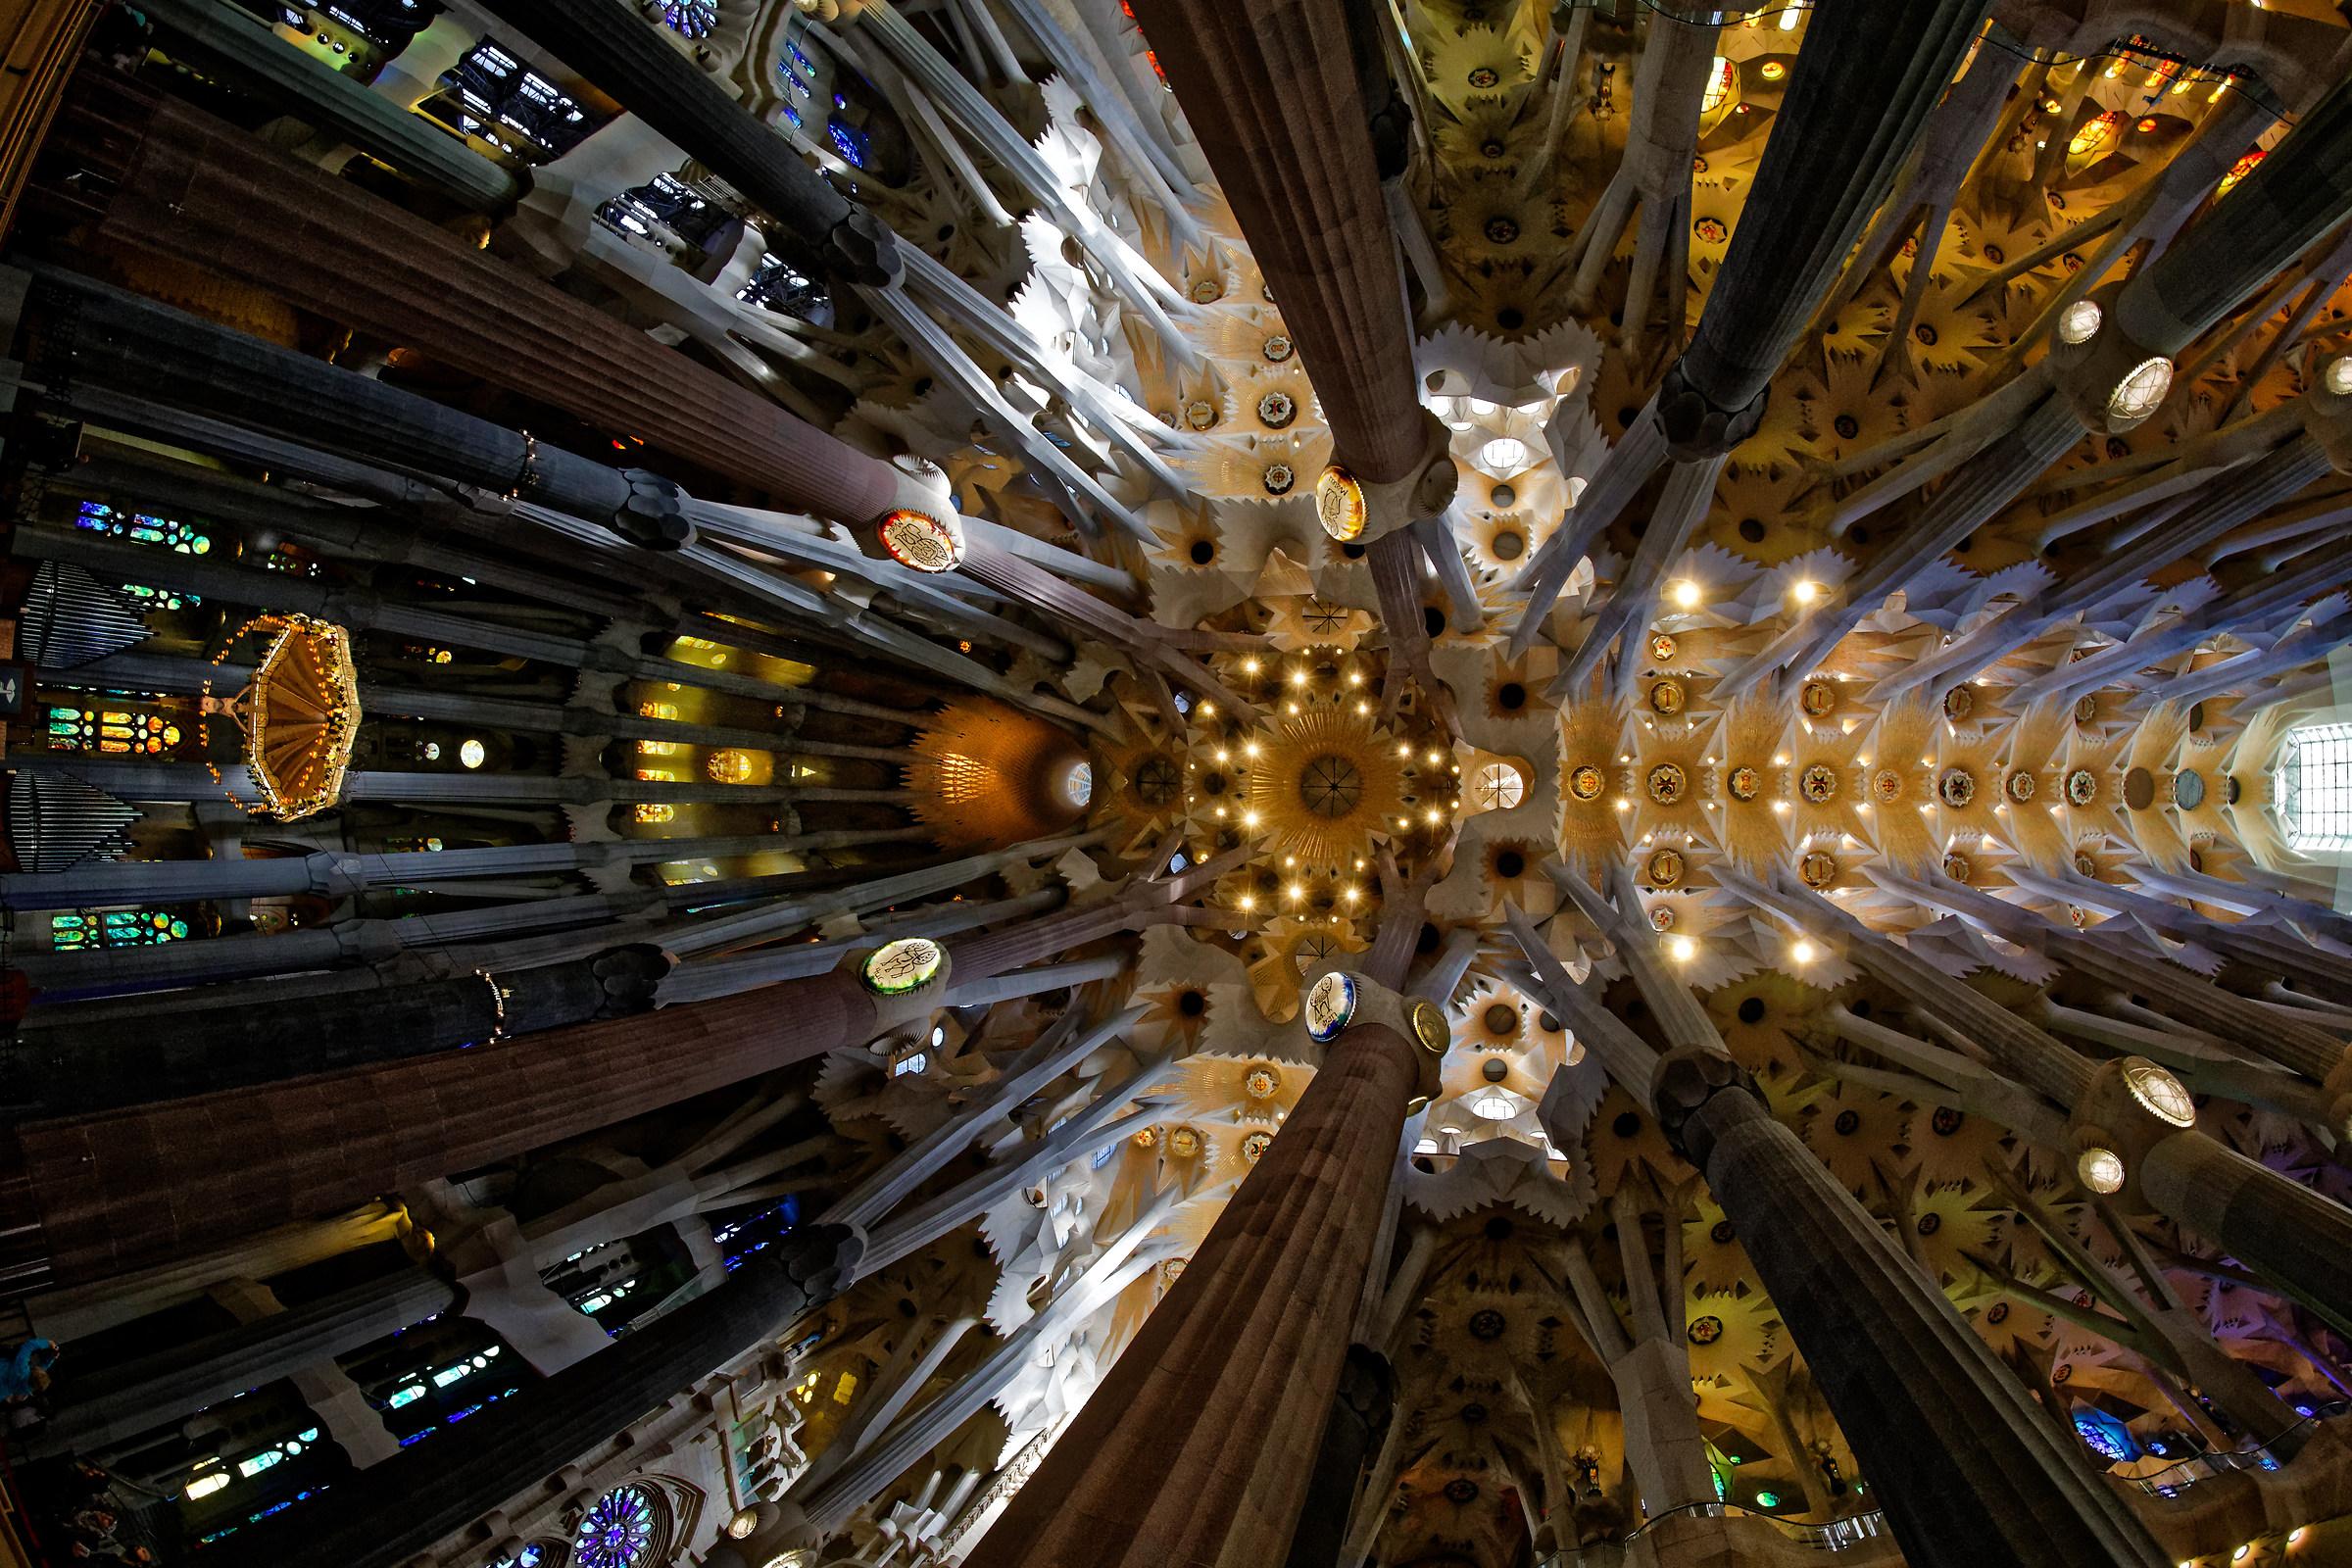 Sagrada ceiling...